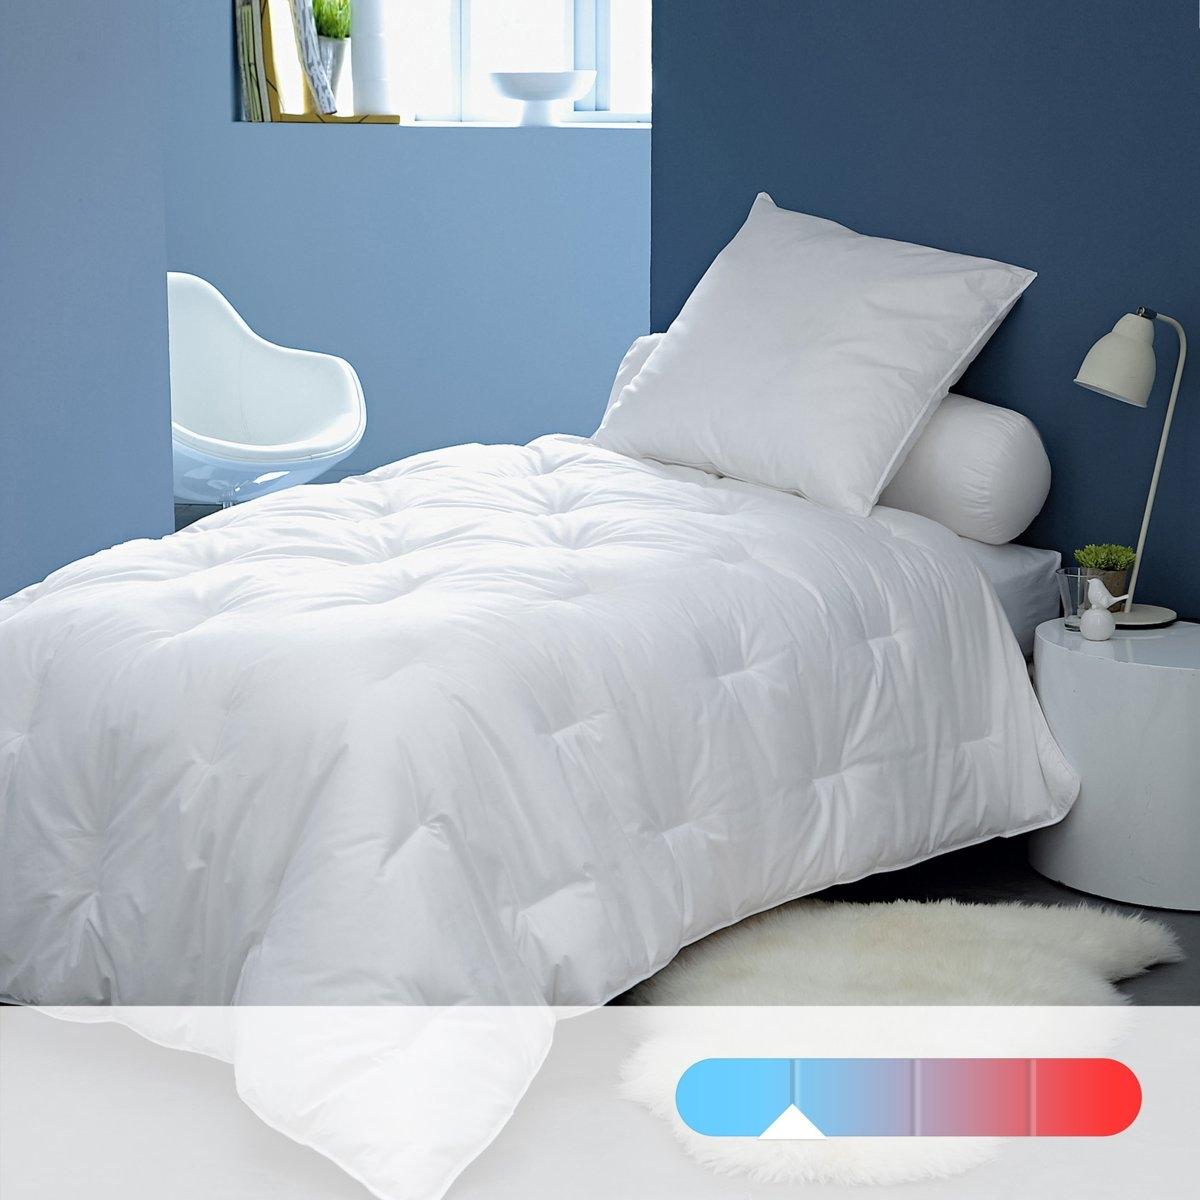 Летнее одеяло LESTRA, 175 г/м?Регулируемое тепло и легкость одеяла QUALLOFIL-AIR с обработкой Allerban против бактерий, клещей и грибка гарантирует вам спокойный сон на всю ночь. Также с грязеотталкивающей обработкой Teflon. Качество наполнителя VALEUR S?RE: эксклюзивный состав из полых силиконизированных волокон, ультрапышных и суперлегких, из 100% полиэстера, обеспечивают циркуляцию воздуха и выводят влагу. Чехол из 100% хлопка с грязеотталкивающей обработкой Teflon. Отделка кантом из хлопка. Простежка пунктиром. Стирка при 40°, возможна машинная сушка при умеренной температуре. Идеально при температуре воздуха в комнате  18-22°. Плотность 175 г/м?.<br><br>Цвет: белый